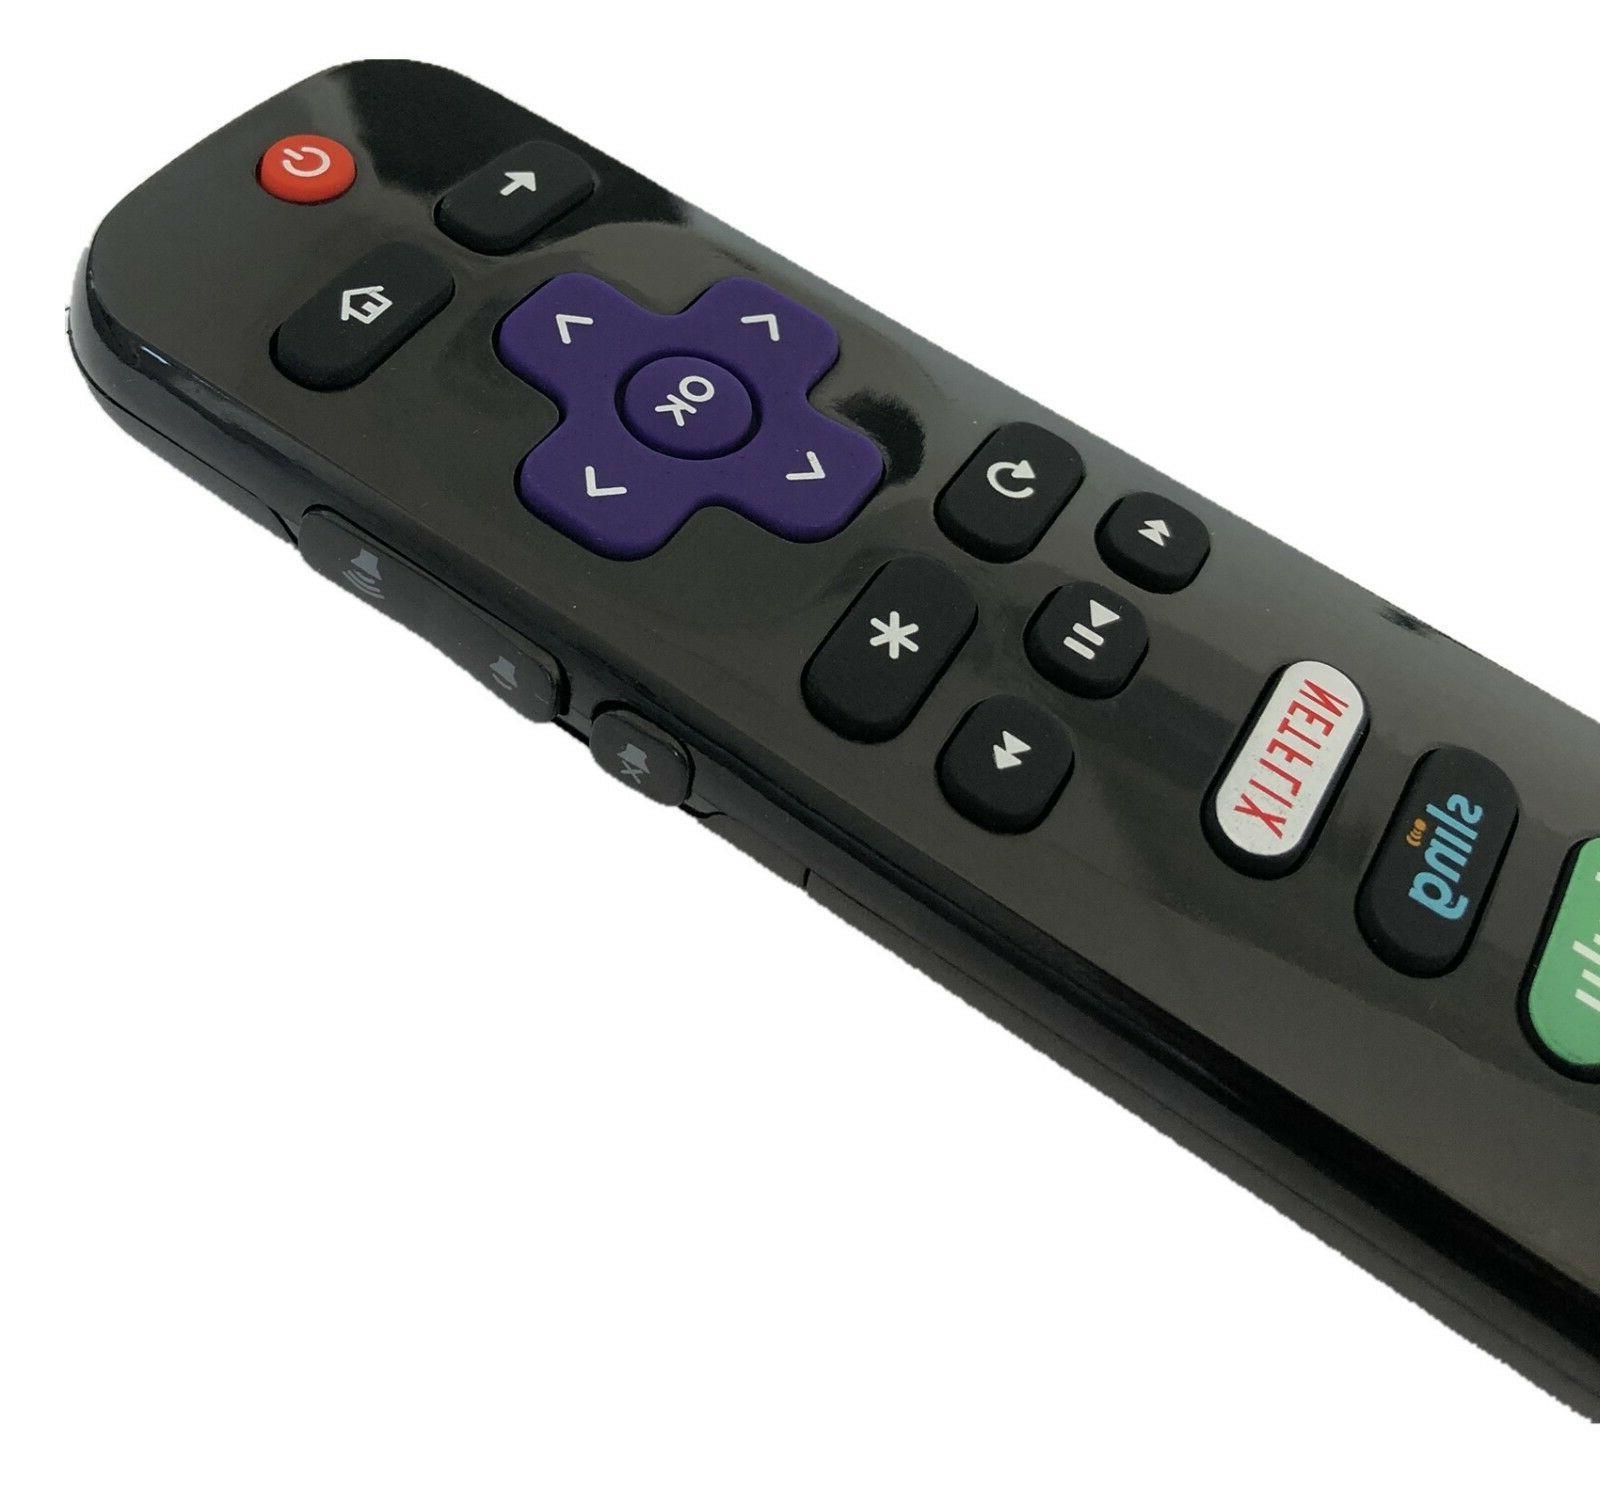 New USBRMT ROKU TV Hulu 65US5800